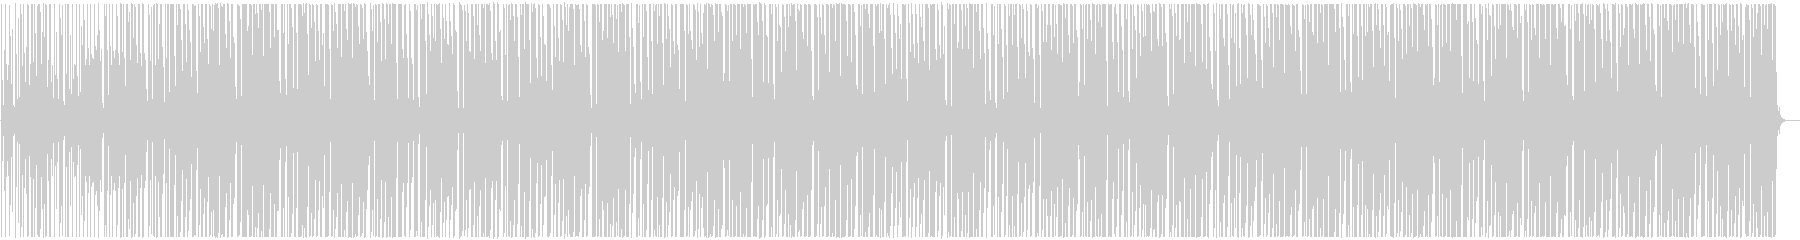 明るくかわいい アフロビート調レゲエの未再生の波形